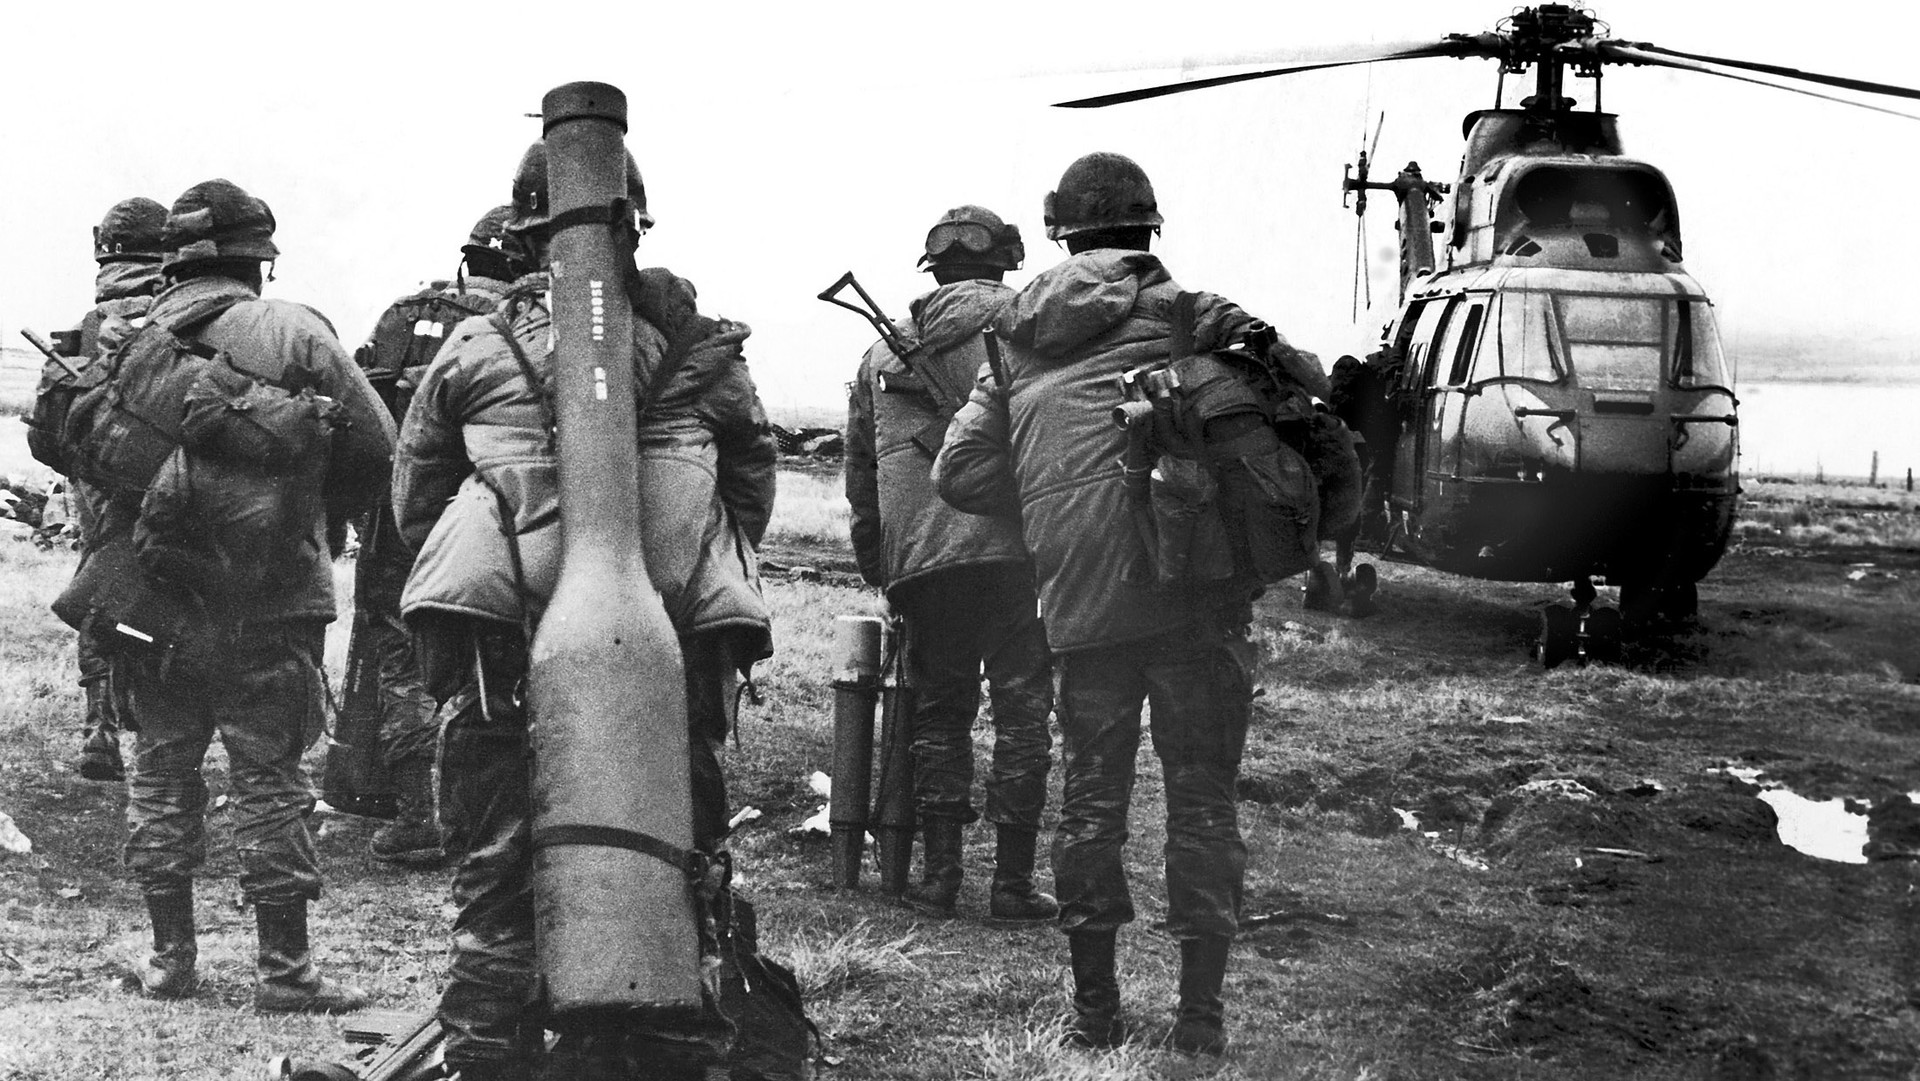 guerra - Guerra de las Malvinas - Página 10 5a2695dd08f3d99c138b4567